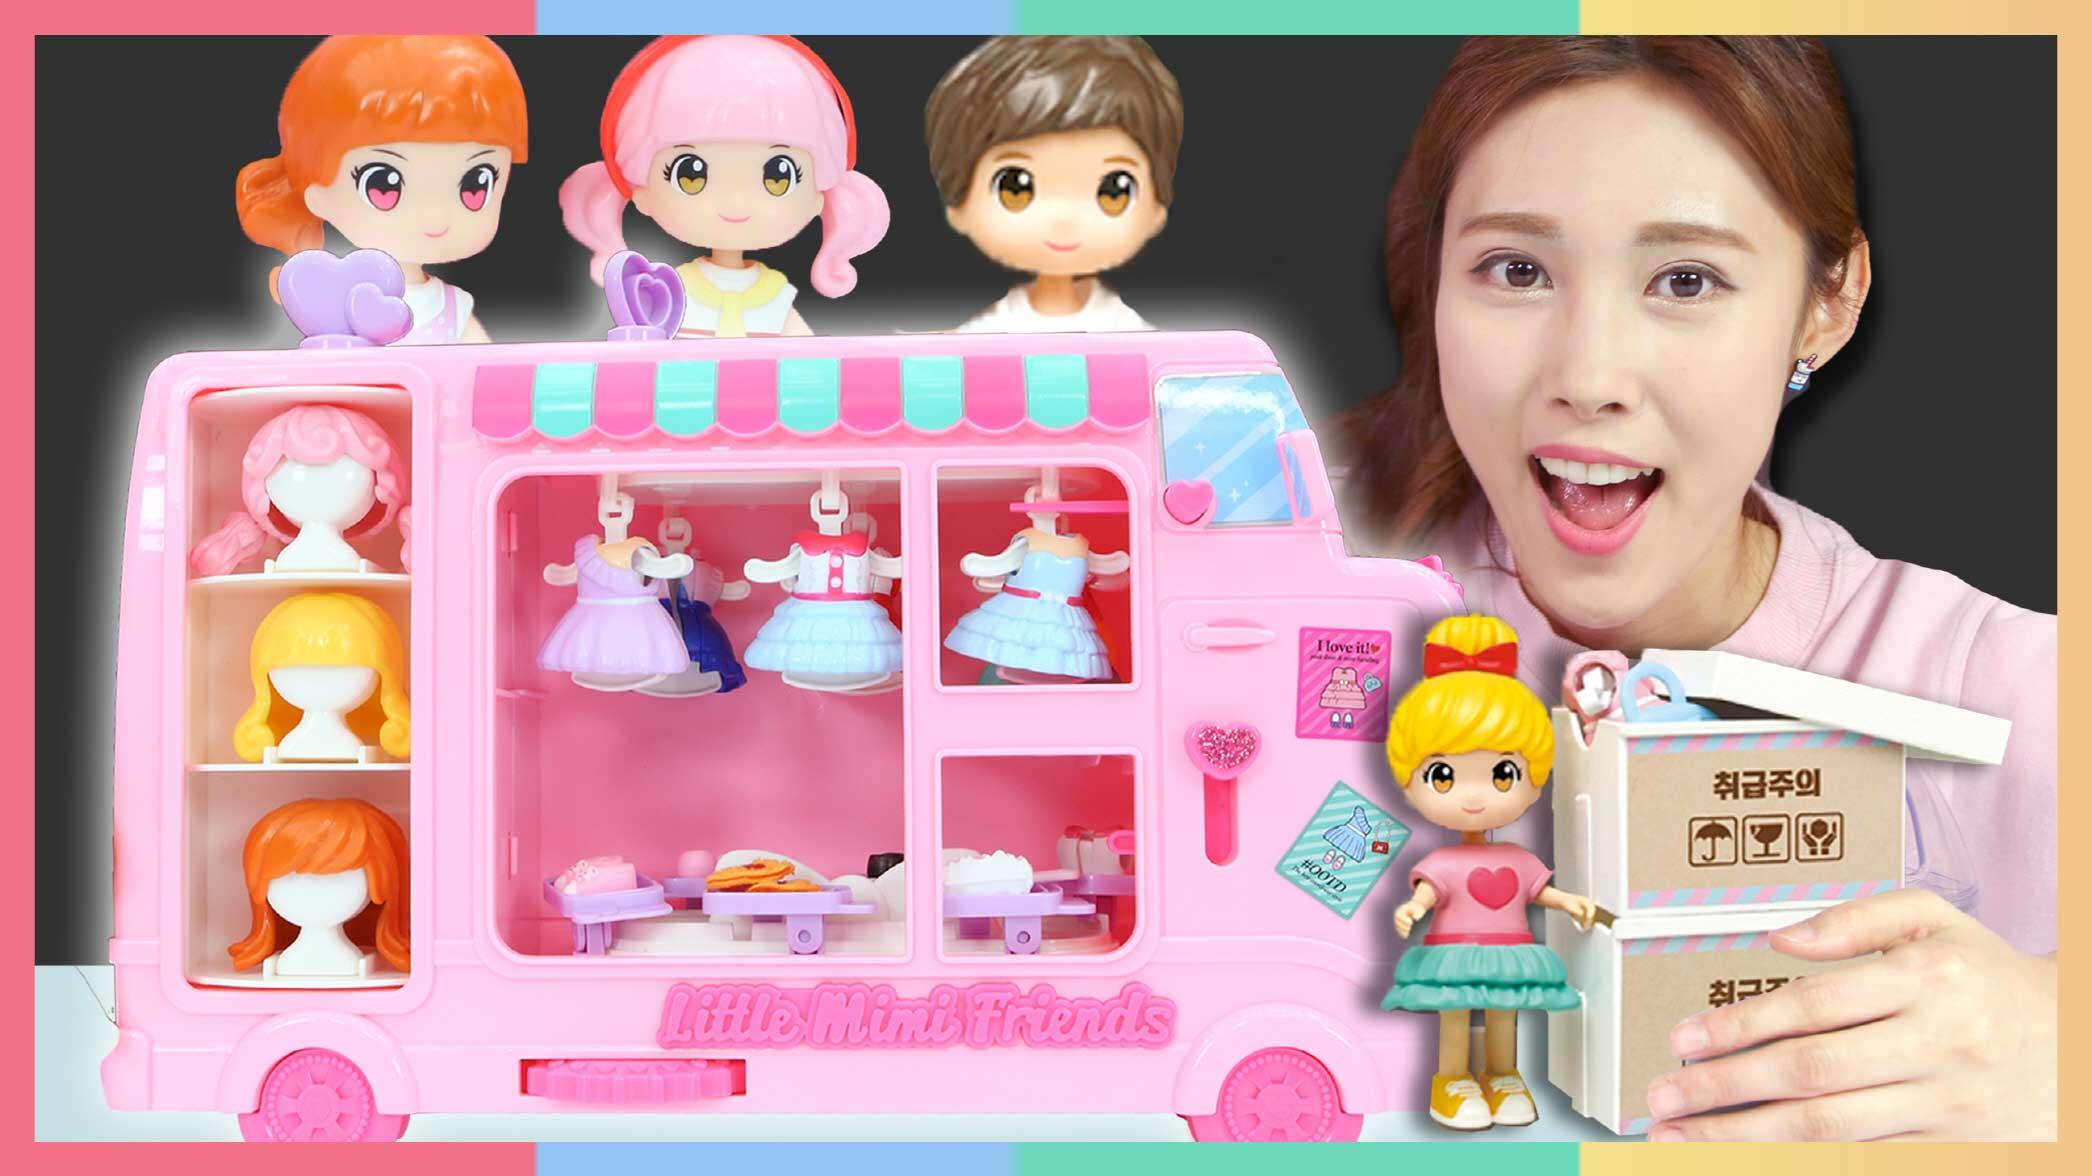 迷你娃娃梦幻车和百变公主套装 | 凯利和玩具朋友们 CarrieAndToys